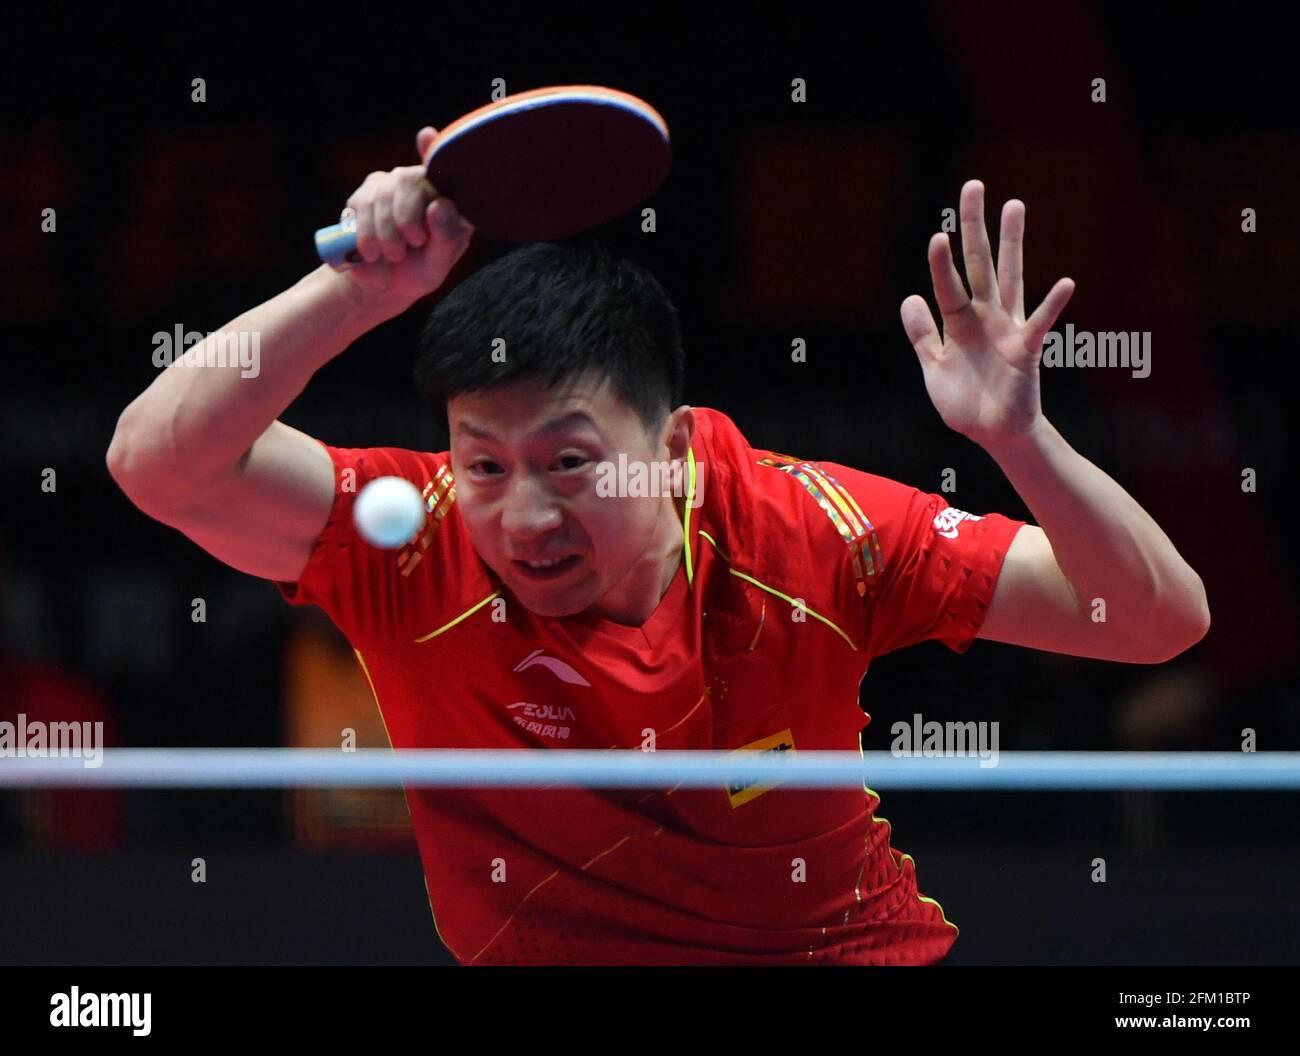 Xinxiang, province chinoise du Henan. 5 mai 2021. Ma long retourne le ballon pendant le match des célibataires hommes contre Zhou Yu lors des essais de Grand smashes et de la simulation olympique de WTT (World Table tennis) 2021 à Xinxiang, dans la province du Henan, dans le centre de la Chine, le 5 mai 2021. Credit: Li Jianan/Xinhua/Alamy Live News Banque D'Images